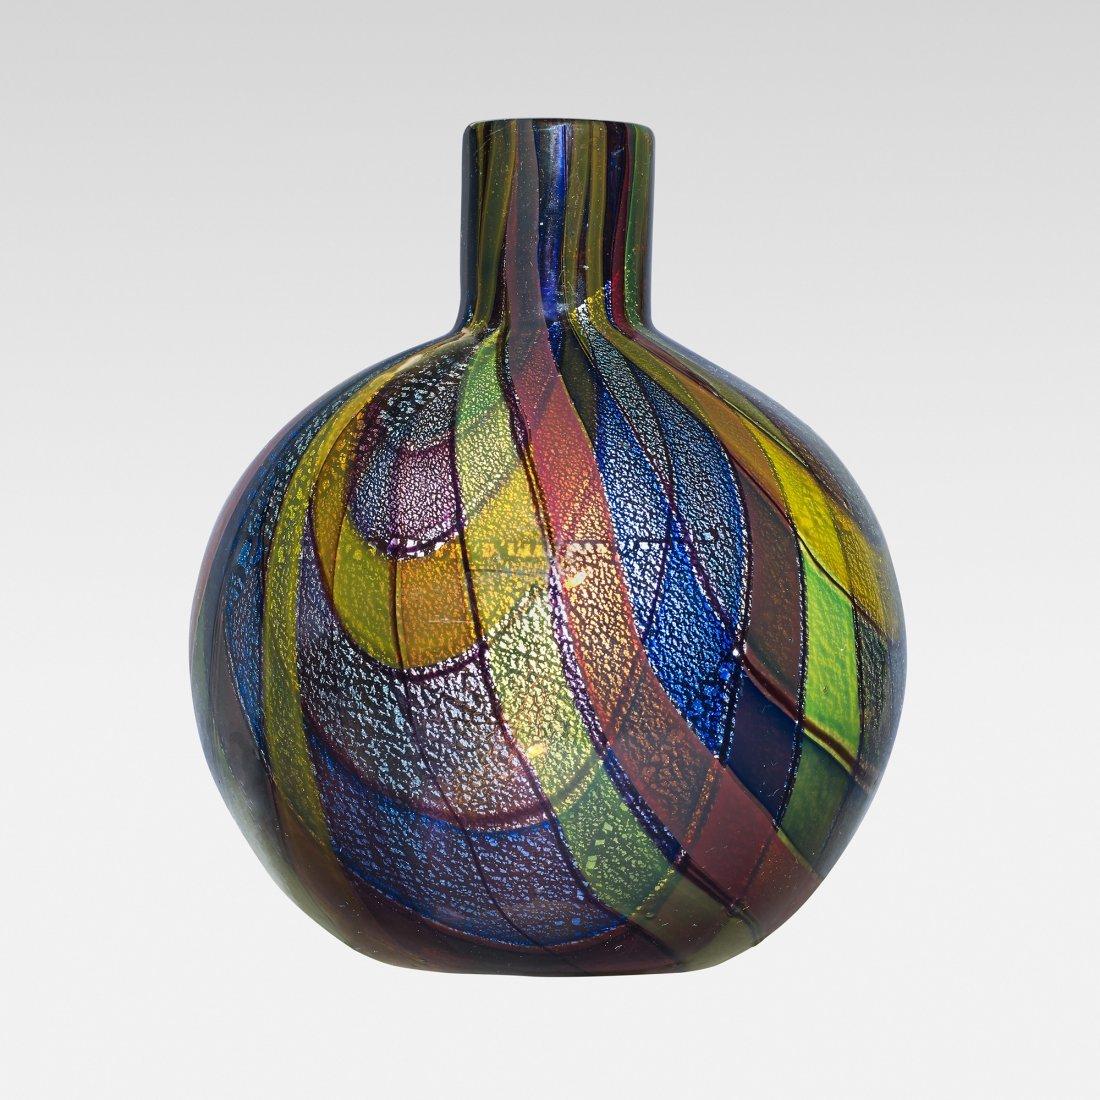 Ercole Barovier Oriente vase